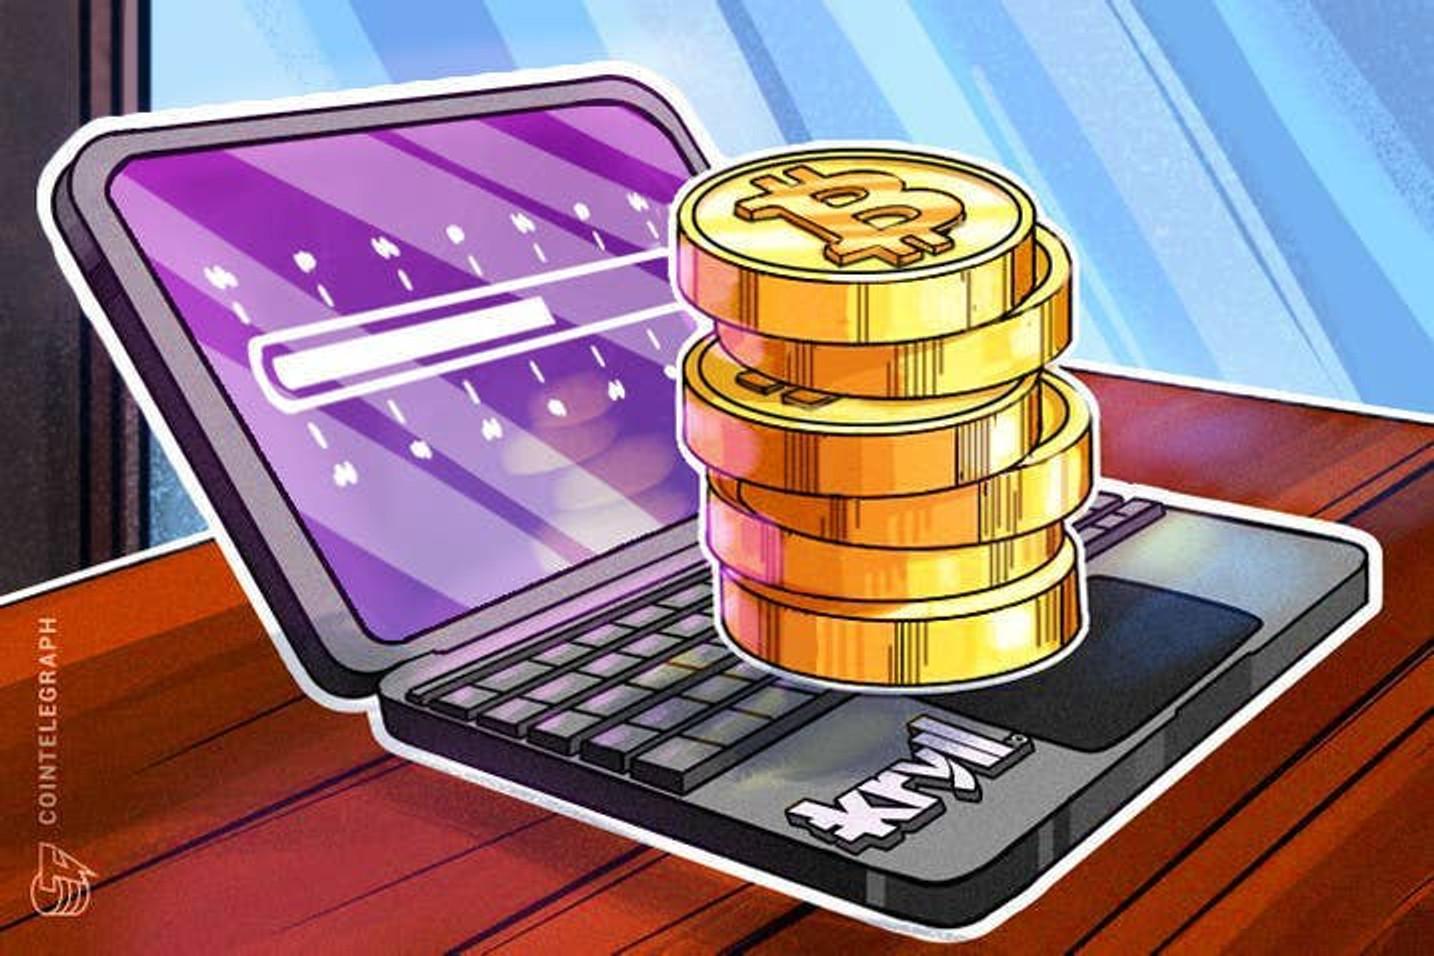 Light Nite: El juego al estilo Fortnite que paga a los jugadores en Bitcoin y NFT